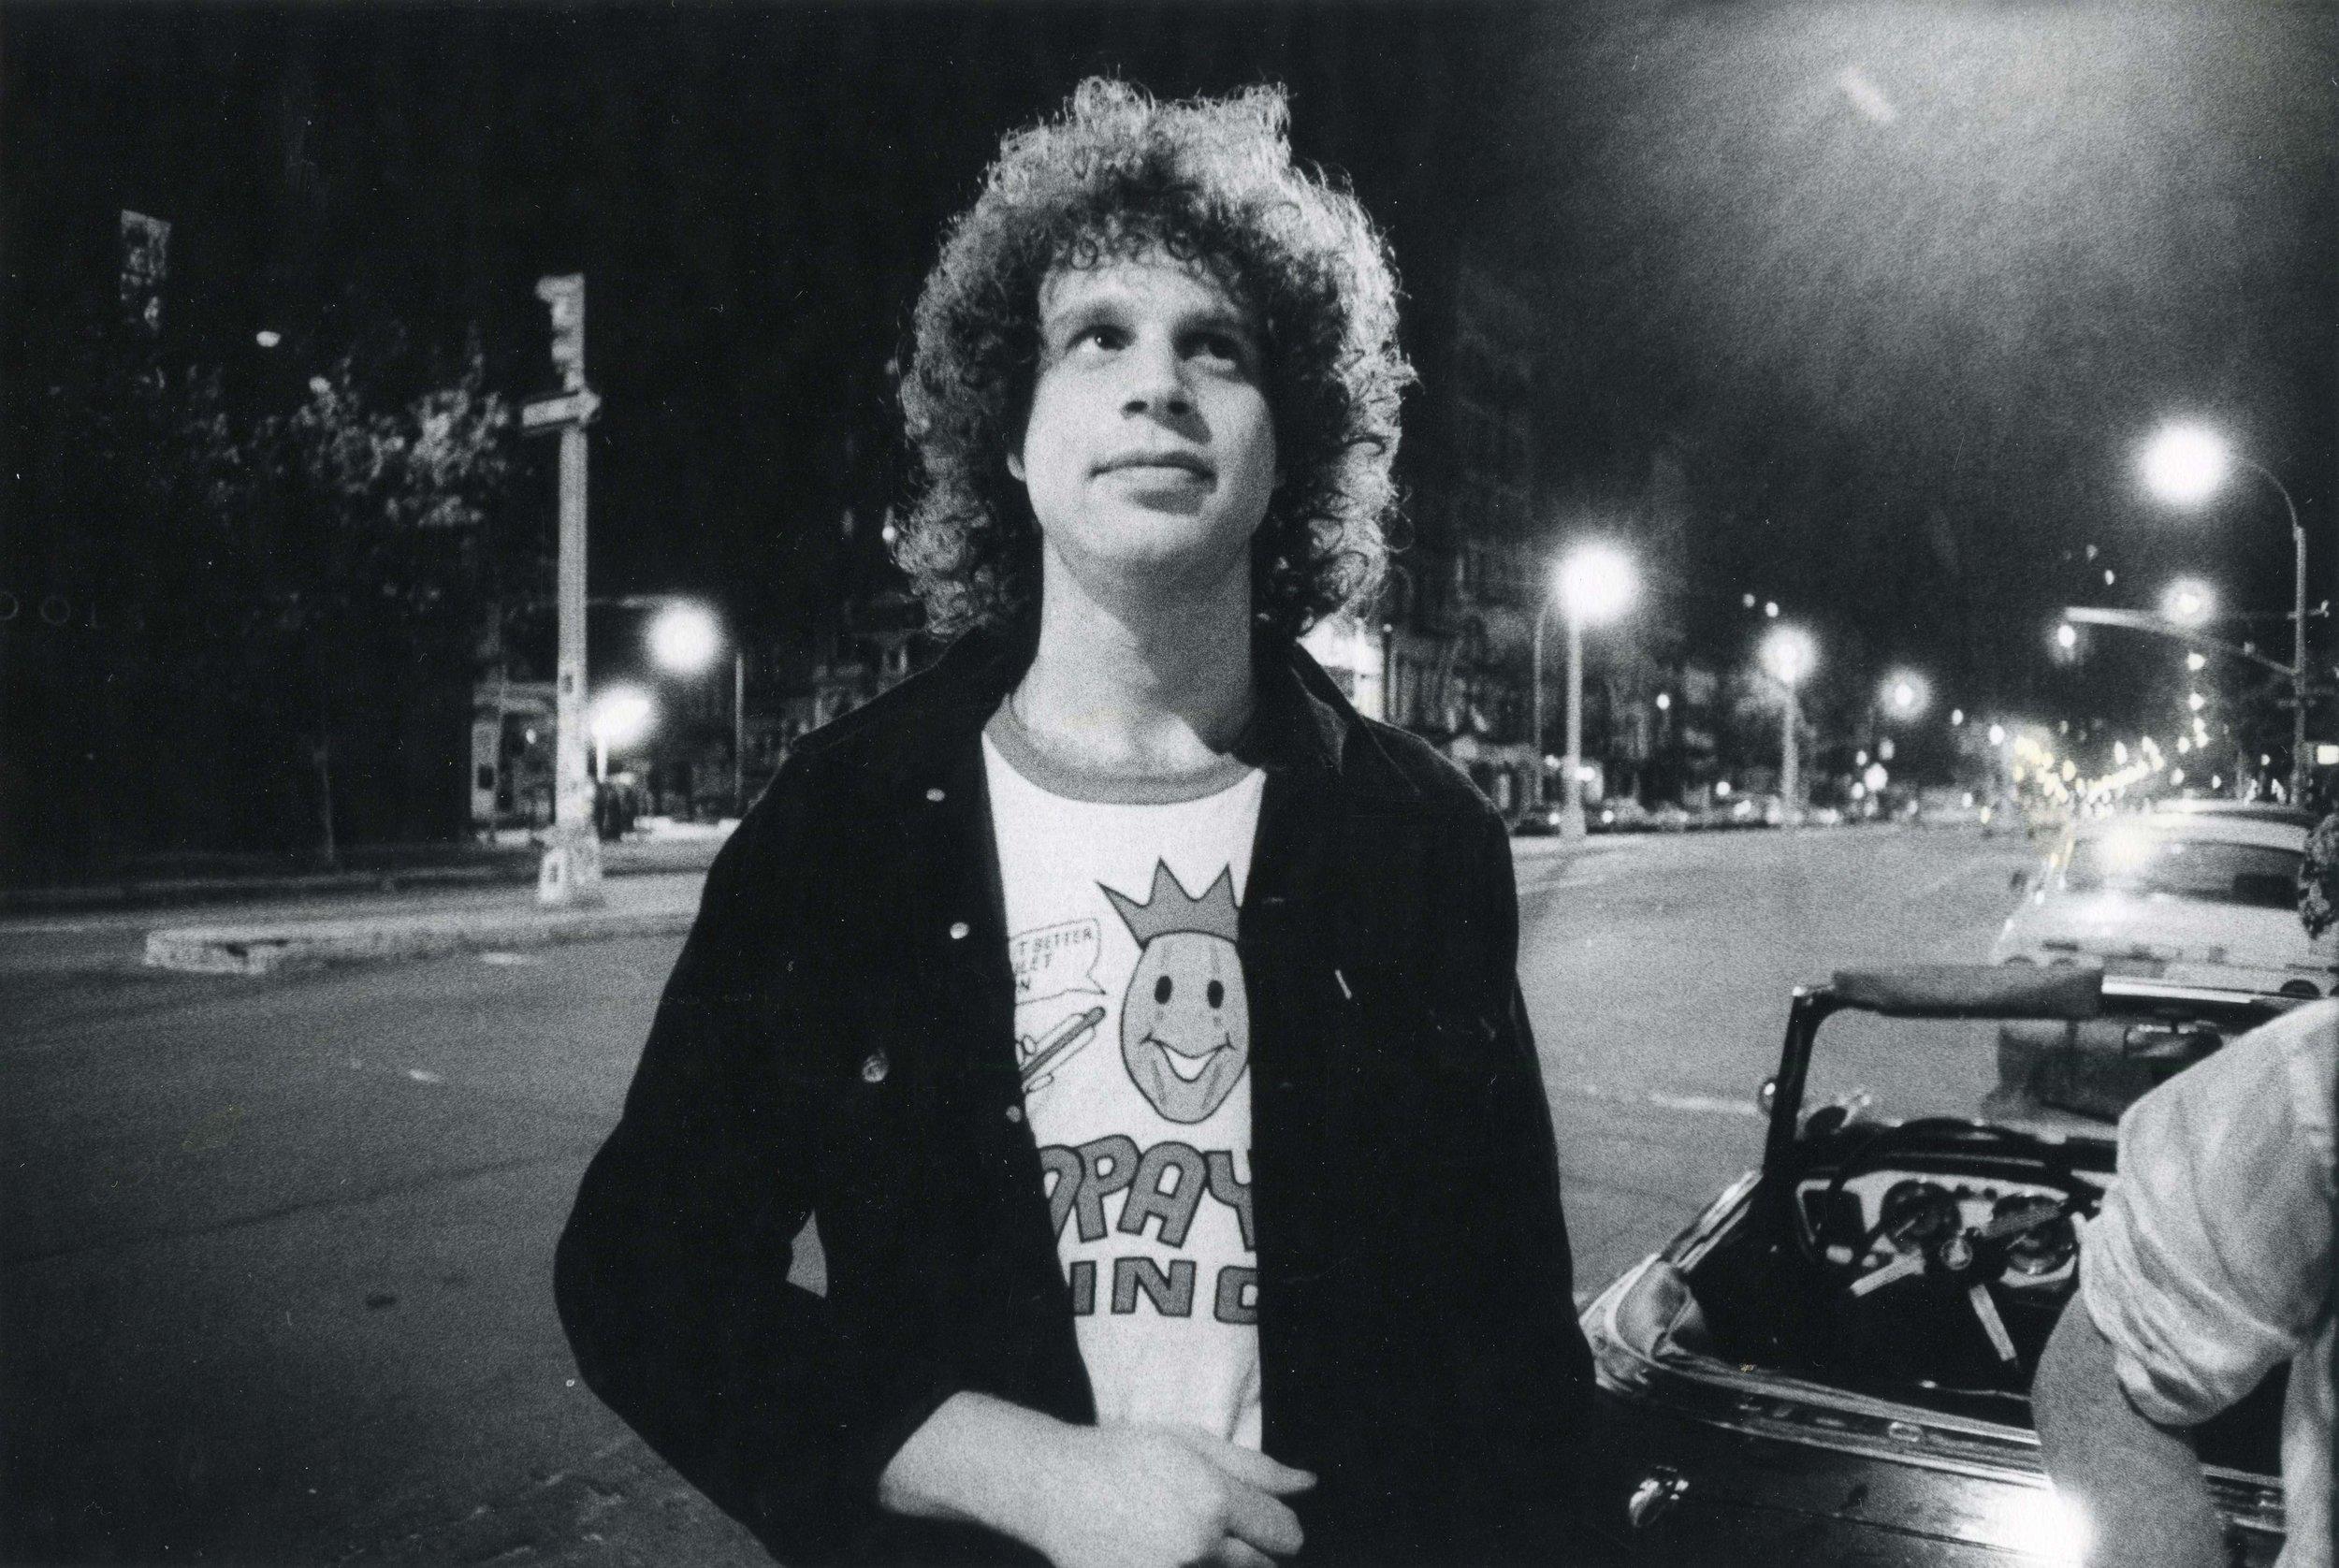 David Godlis outside CBGB's 1977